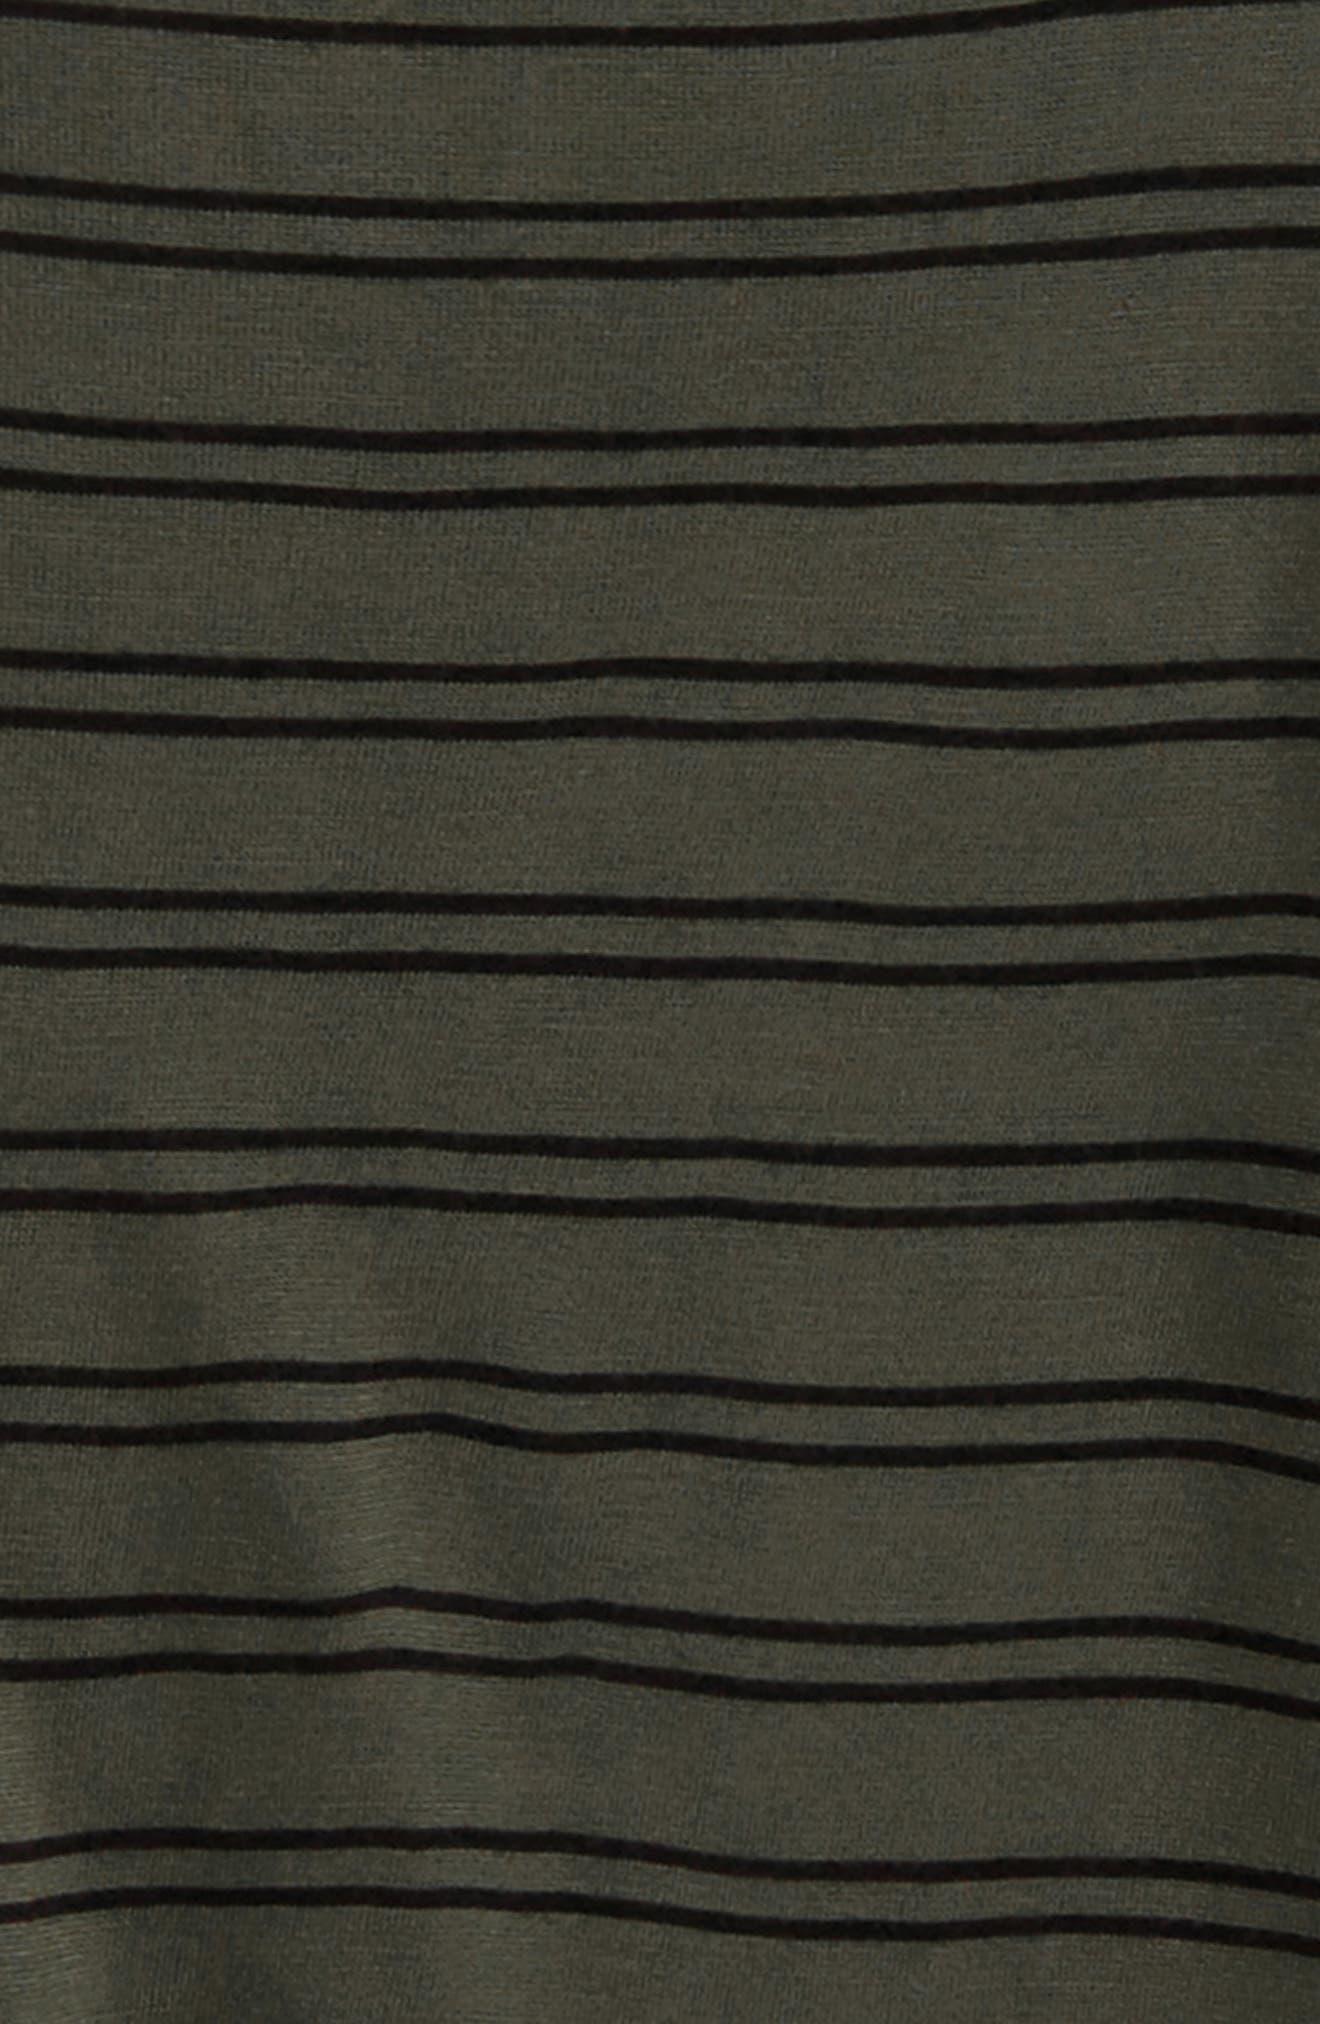 Tie Sleeve Tee,                             Alternate thumbnail 2, color,                             Olive Sarma- Black Stripe